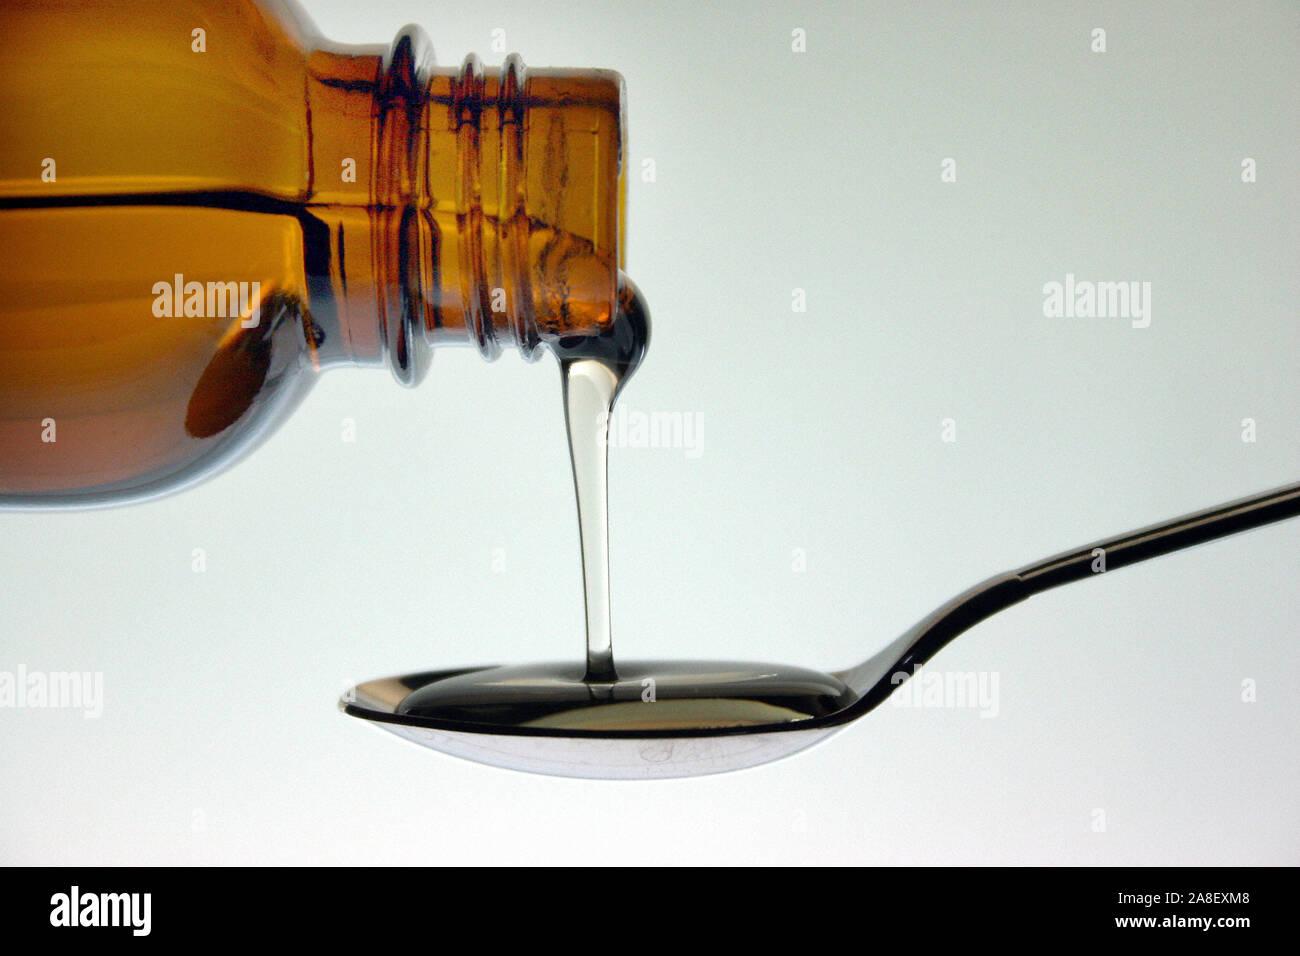 Medizin auf Loeffel, Medikamenteneinnahme, Stock Photo